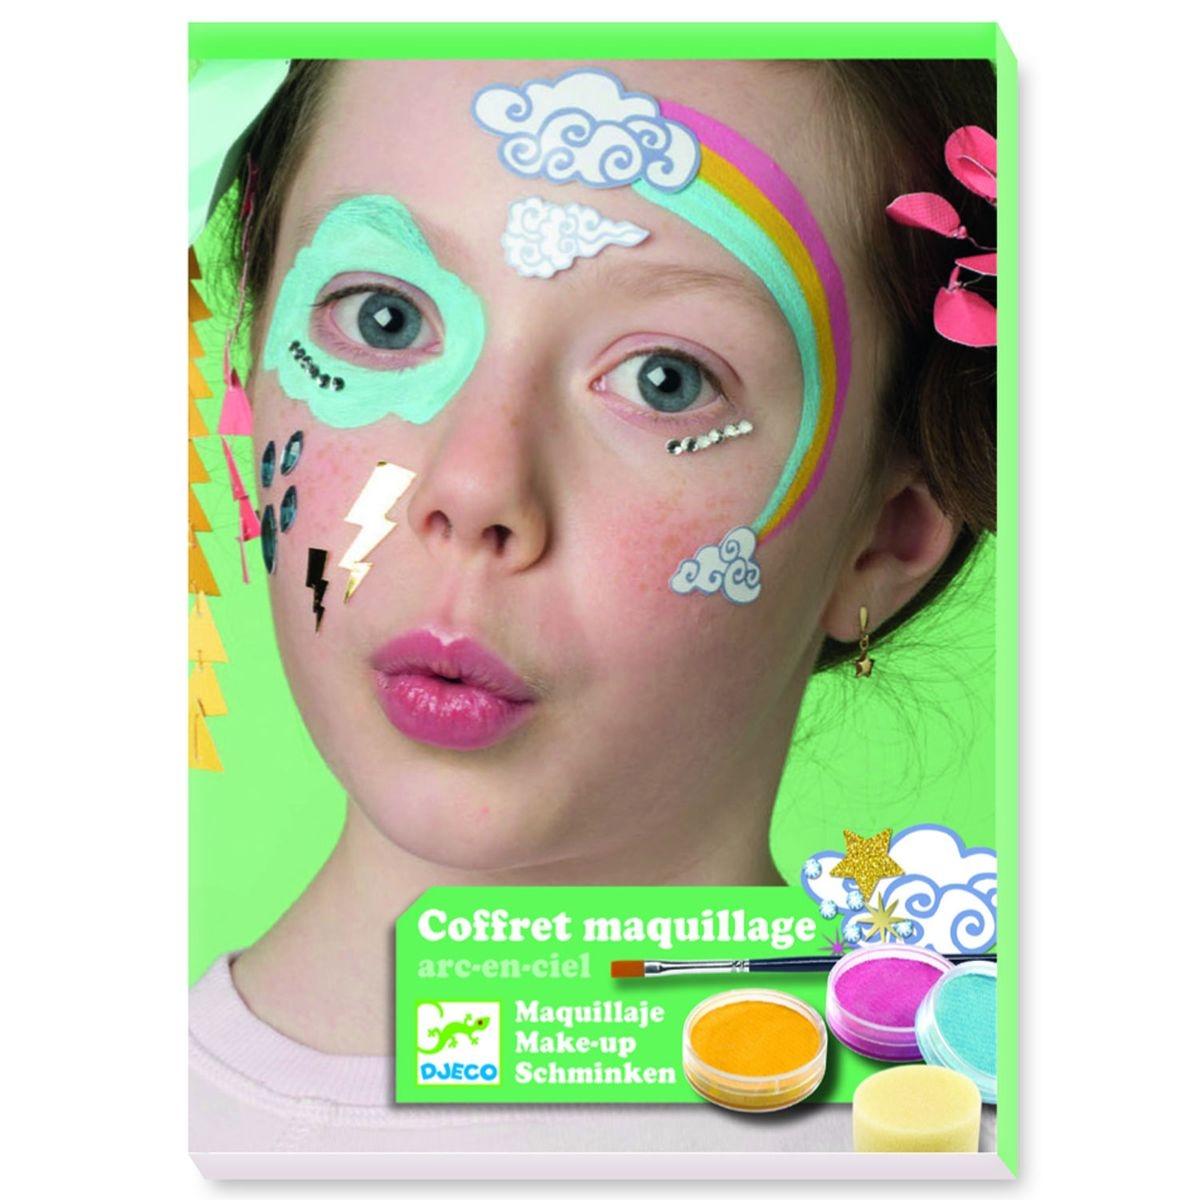 Maquillage Arc en ciel